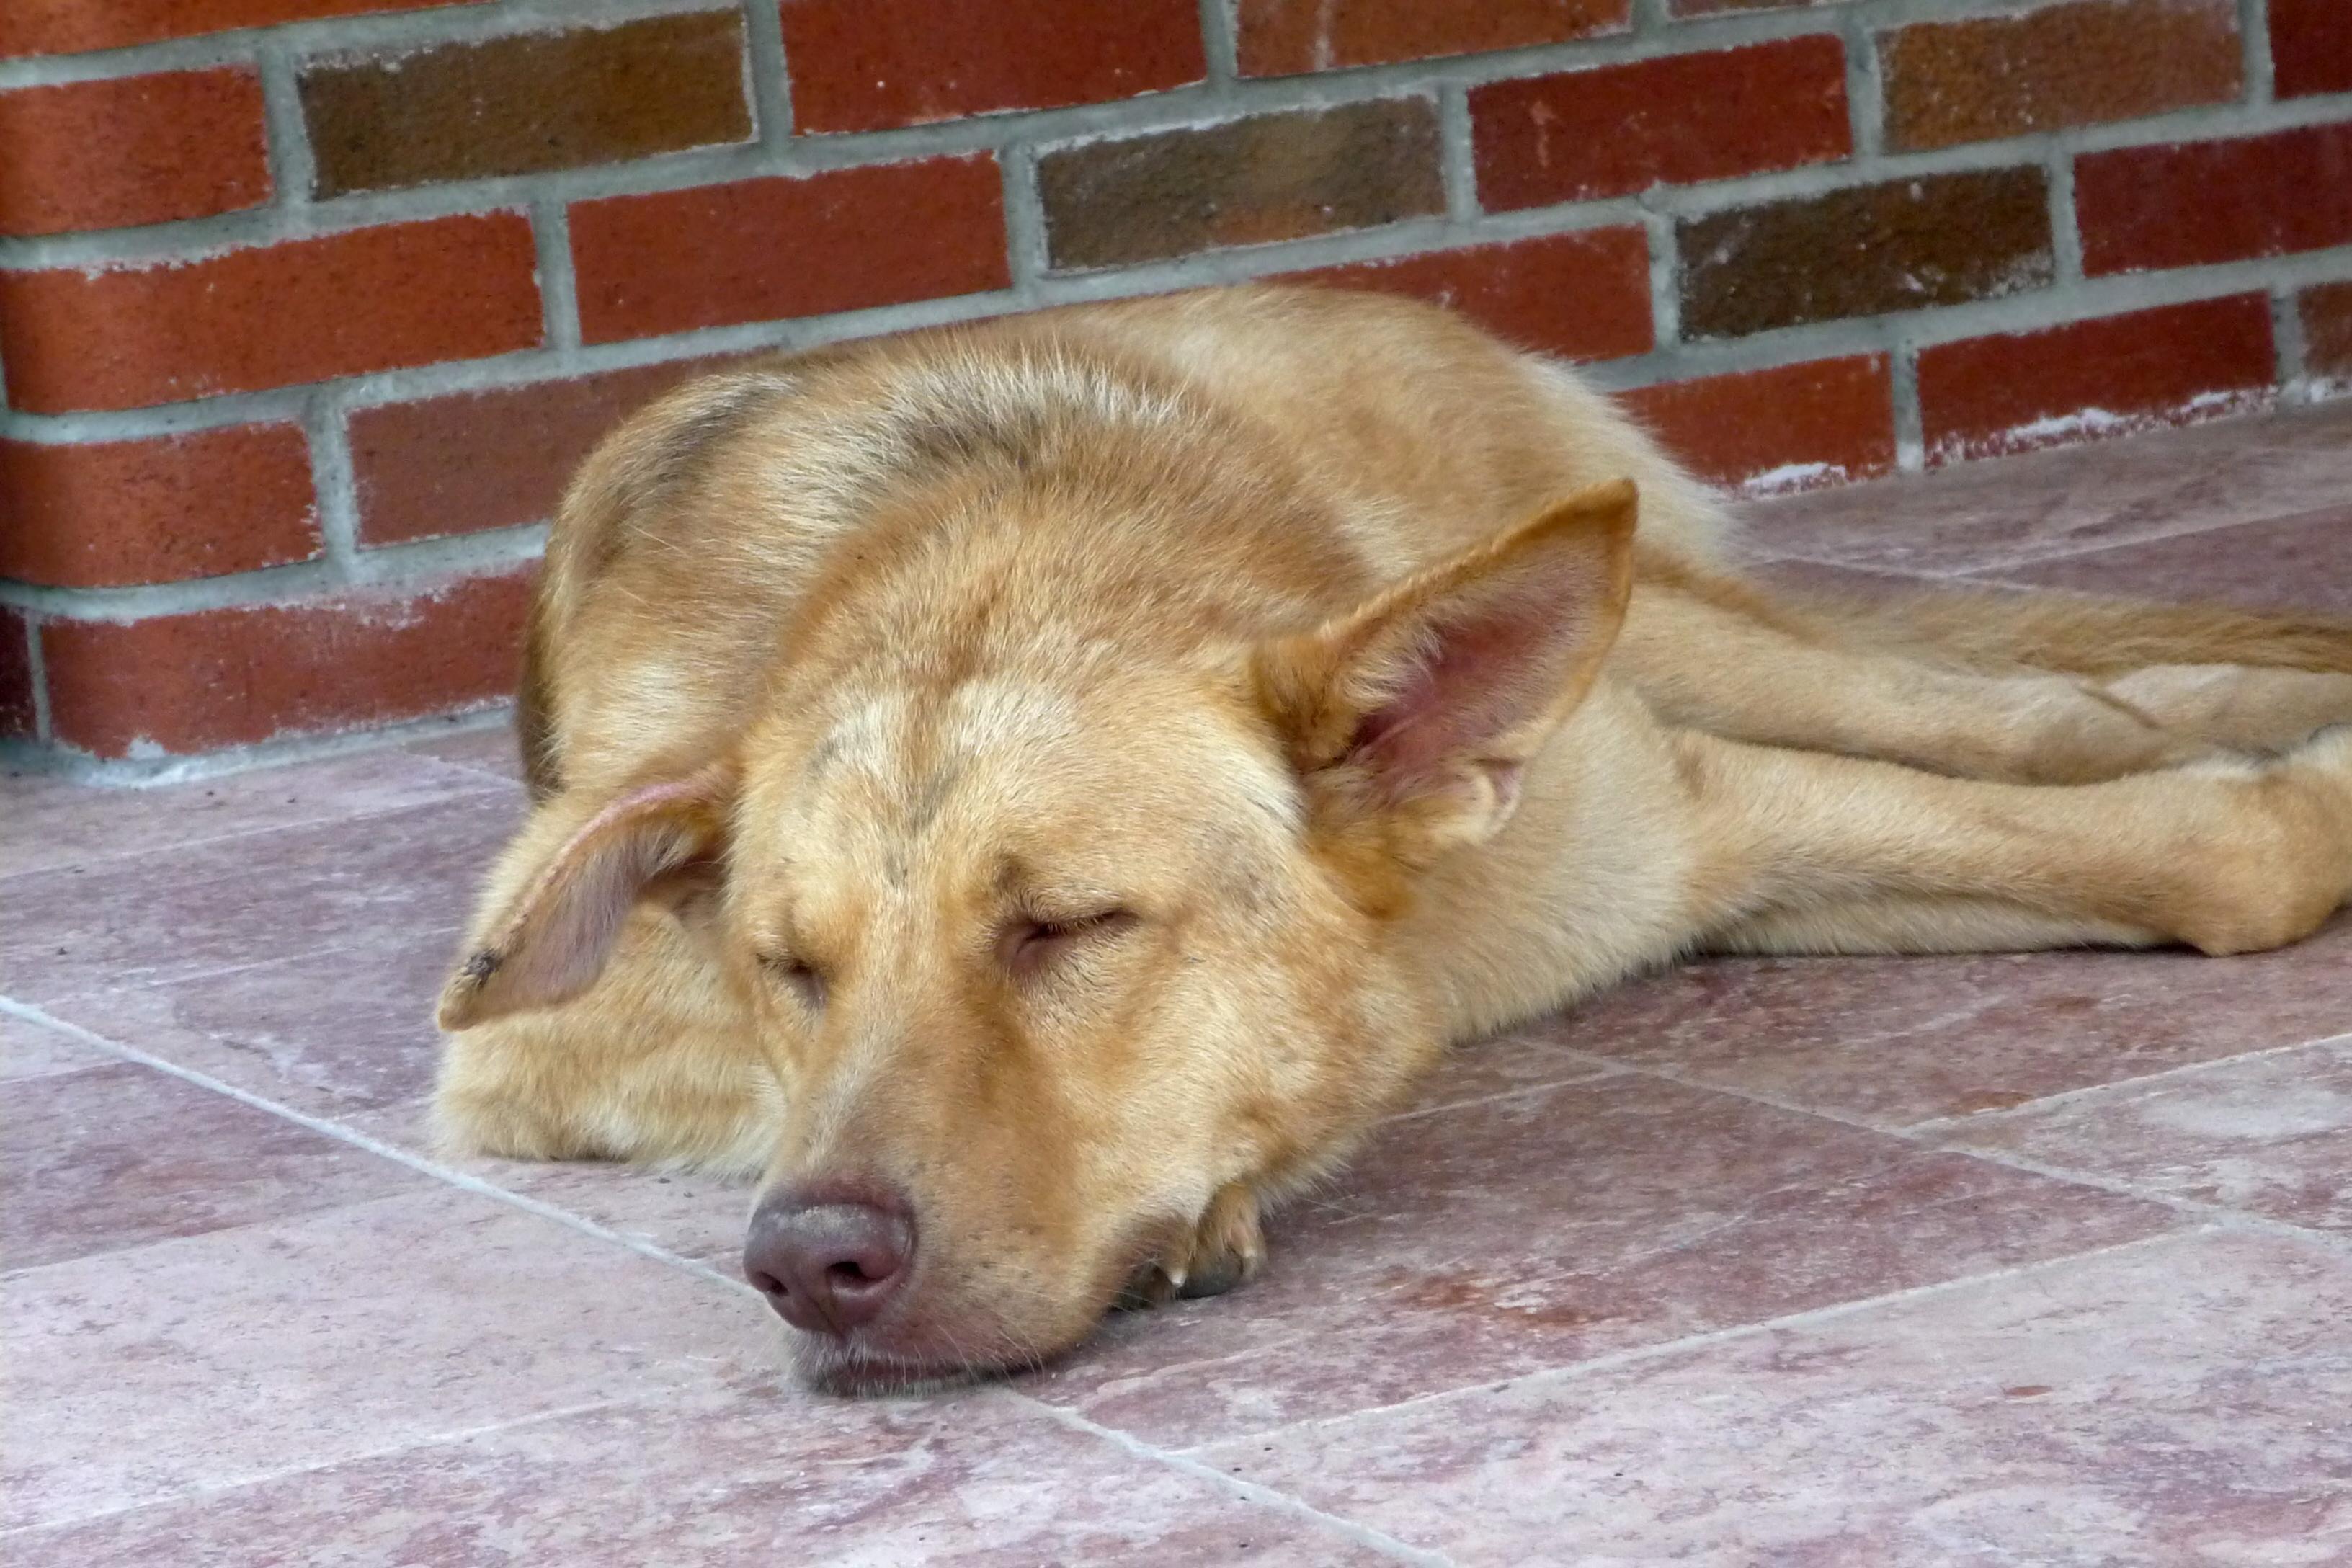 Köpeğin Hasta Olup Olmadığını Anlamak Mümkün Mü